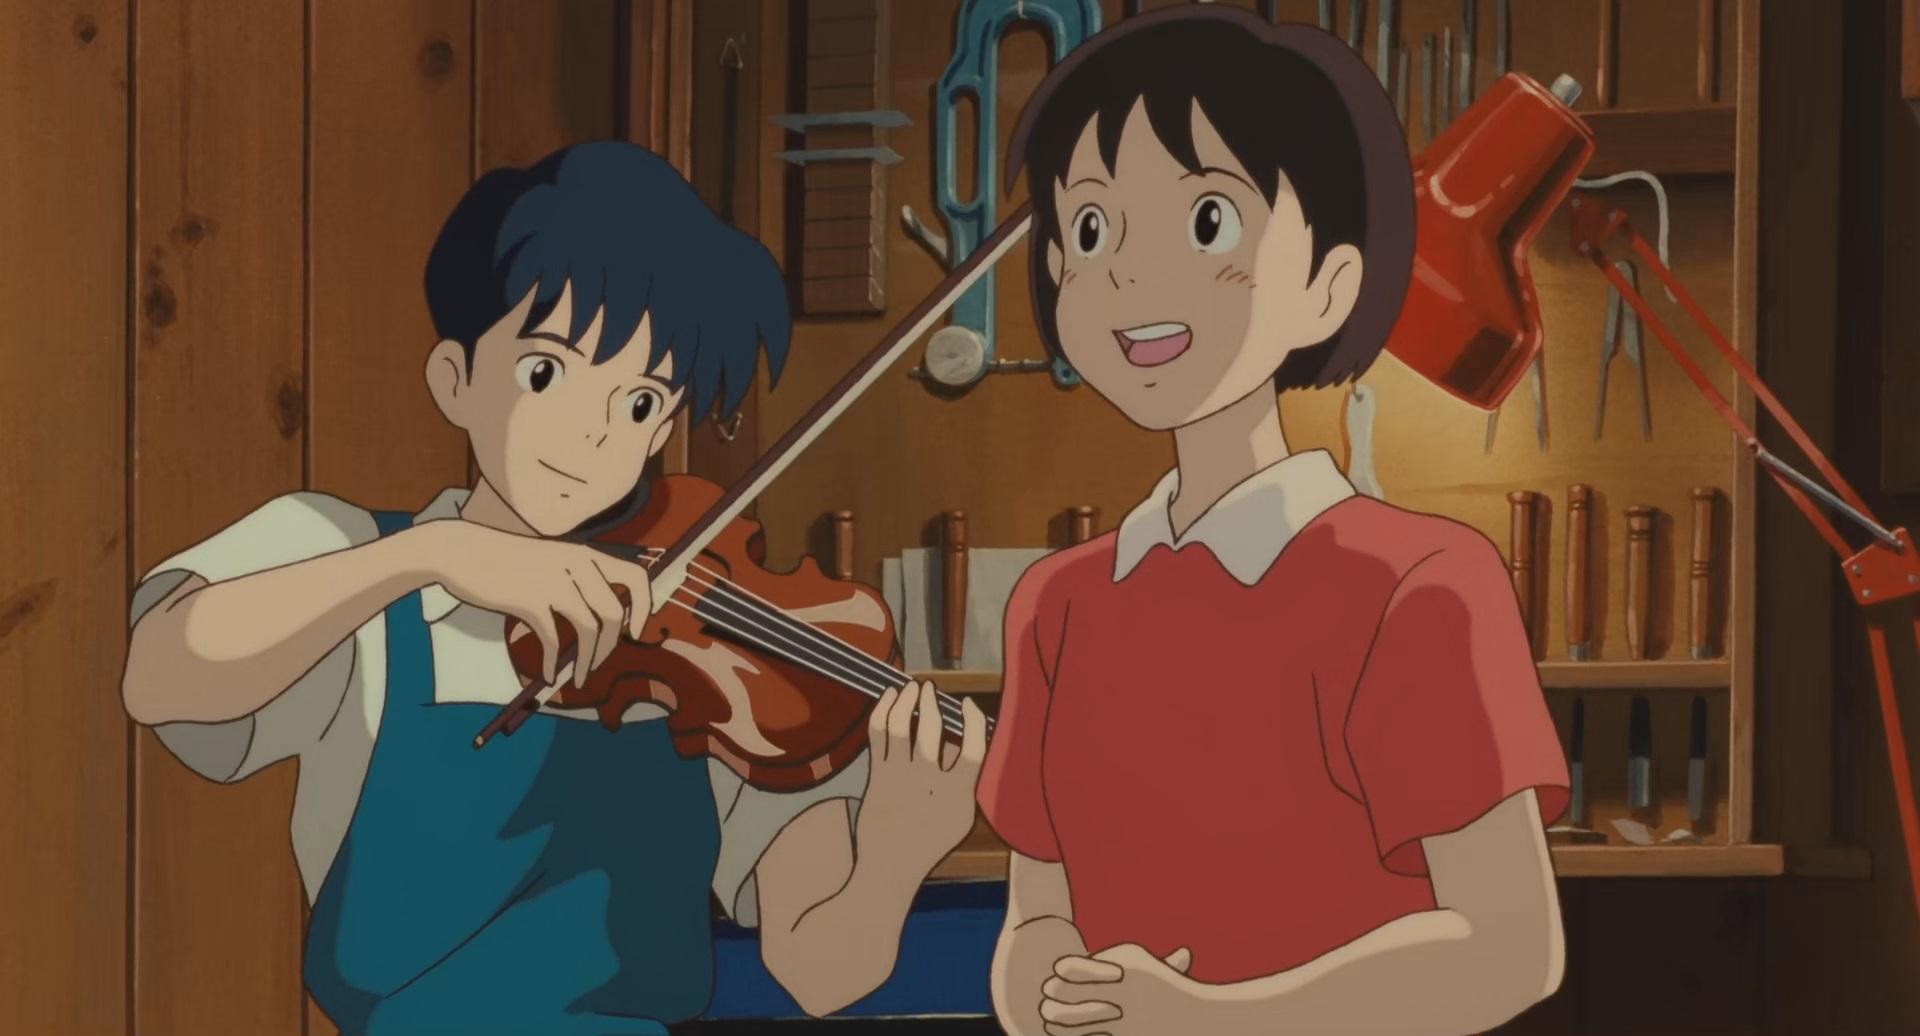 Sussurros Do Coração Obra Que Inspirou Studio Ghibli Terá Sequência